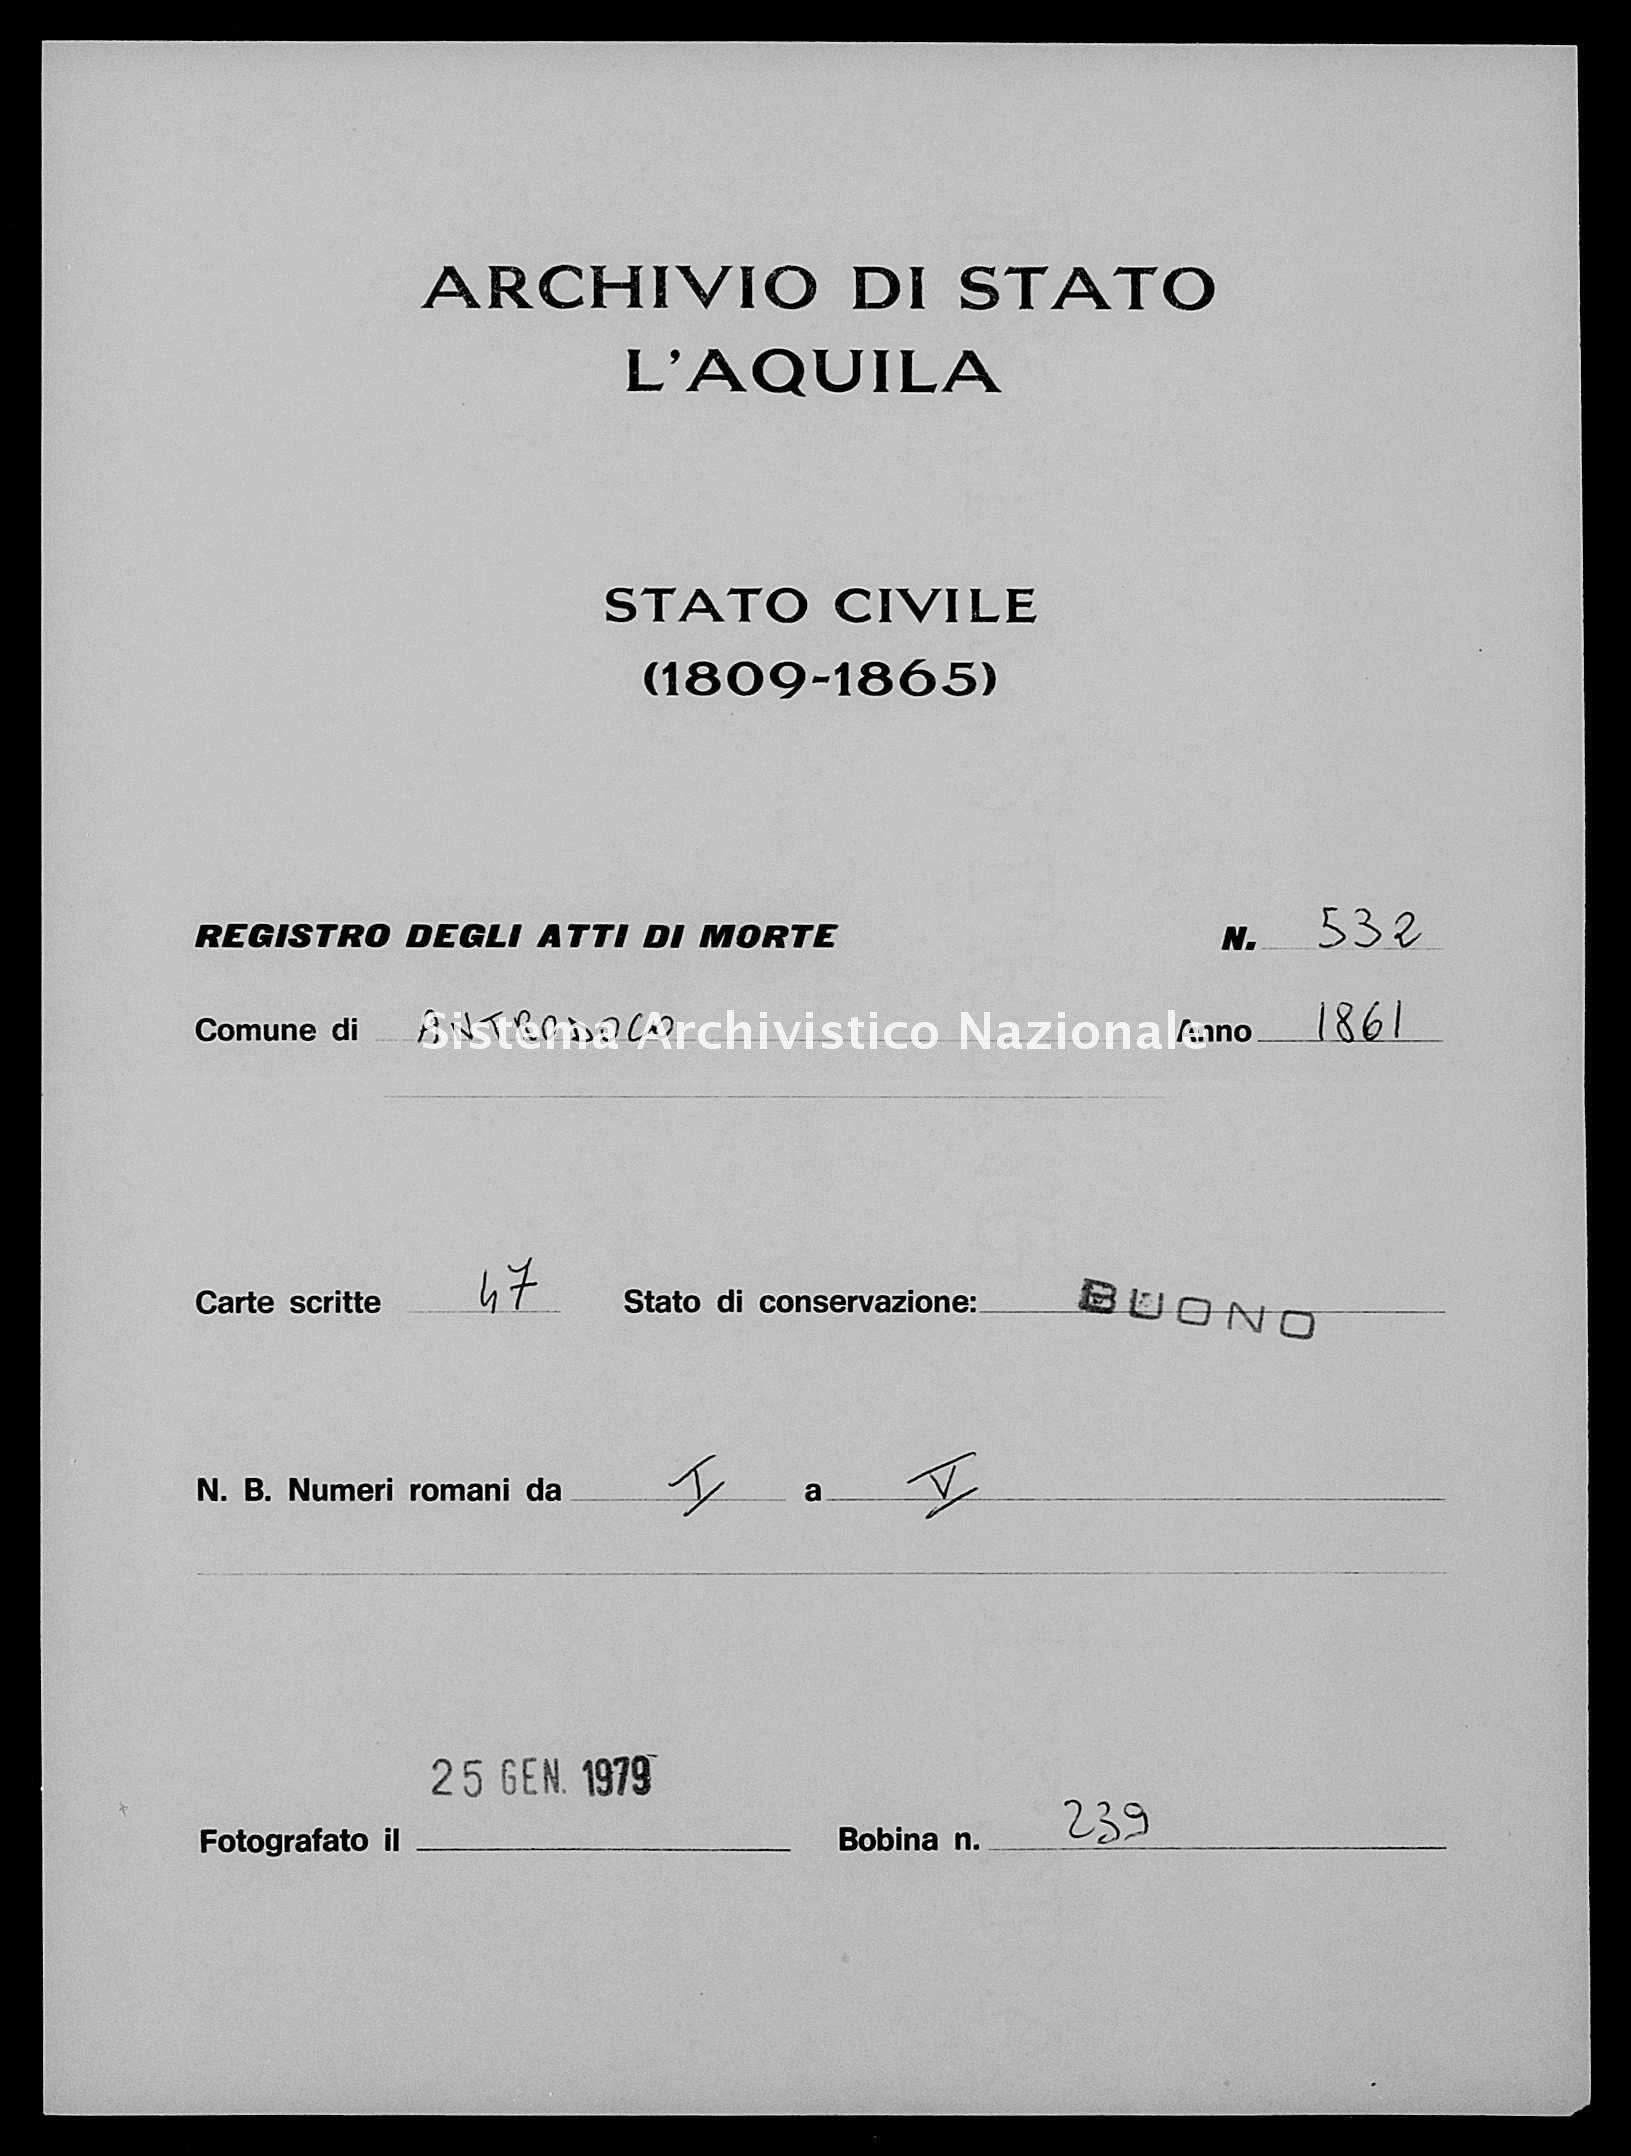 Archivio di stato di L'aquila - Stato civile italiano - Antrodoco - Morti - 1861 - 532 -